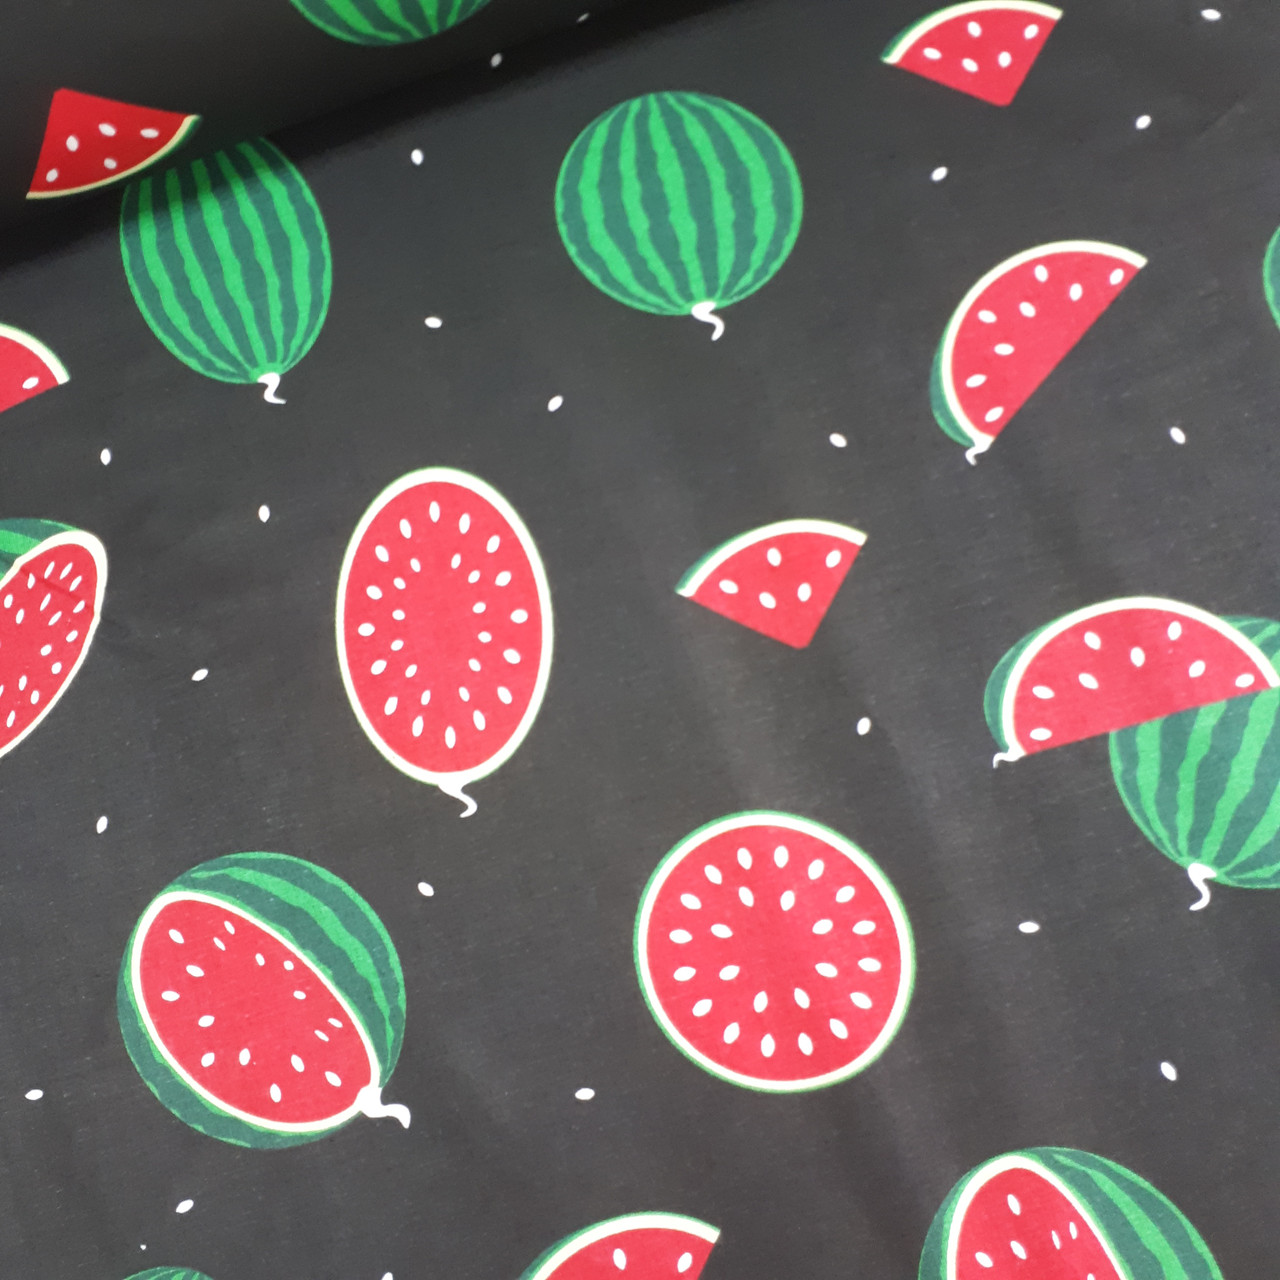 Ткань хлопковая, арбузы крупные красно-зеленые на черном